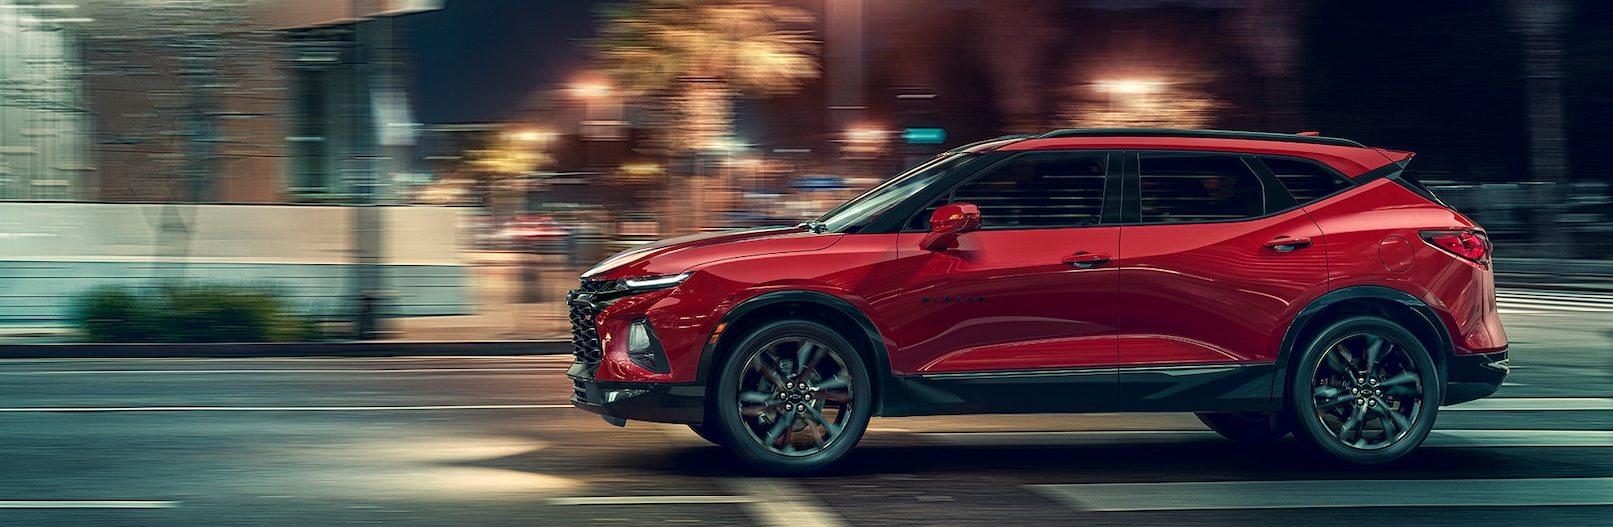 2020 Chevrolet Blazer Lease near Owasso, OK